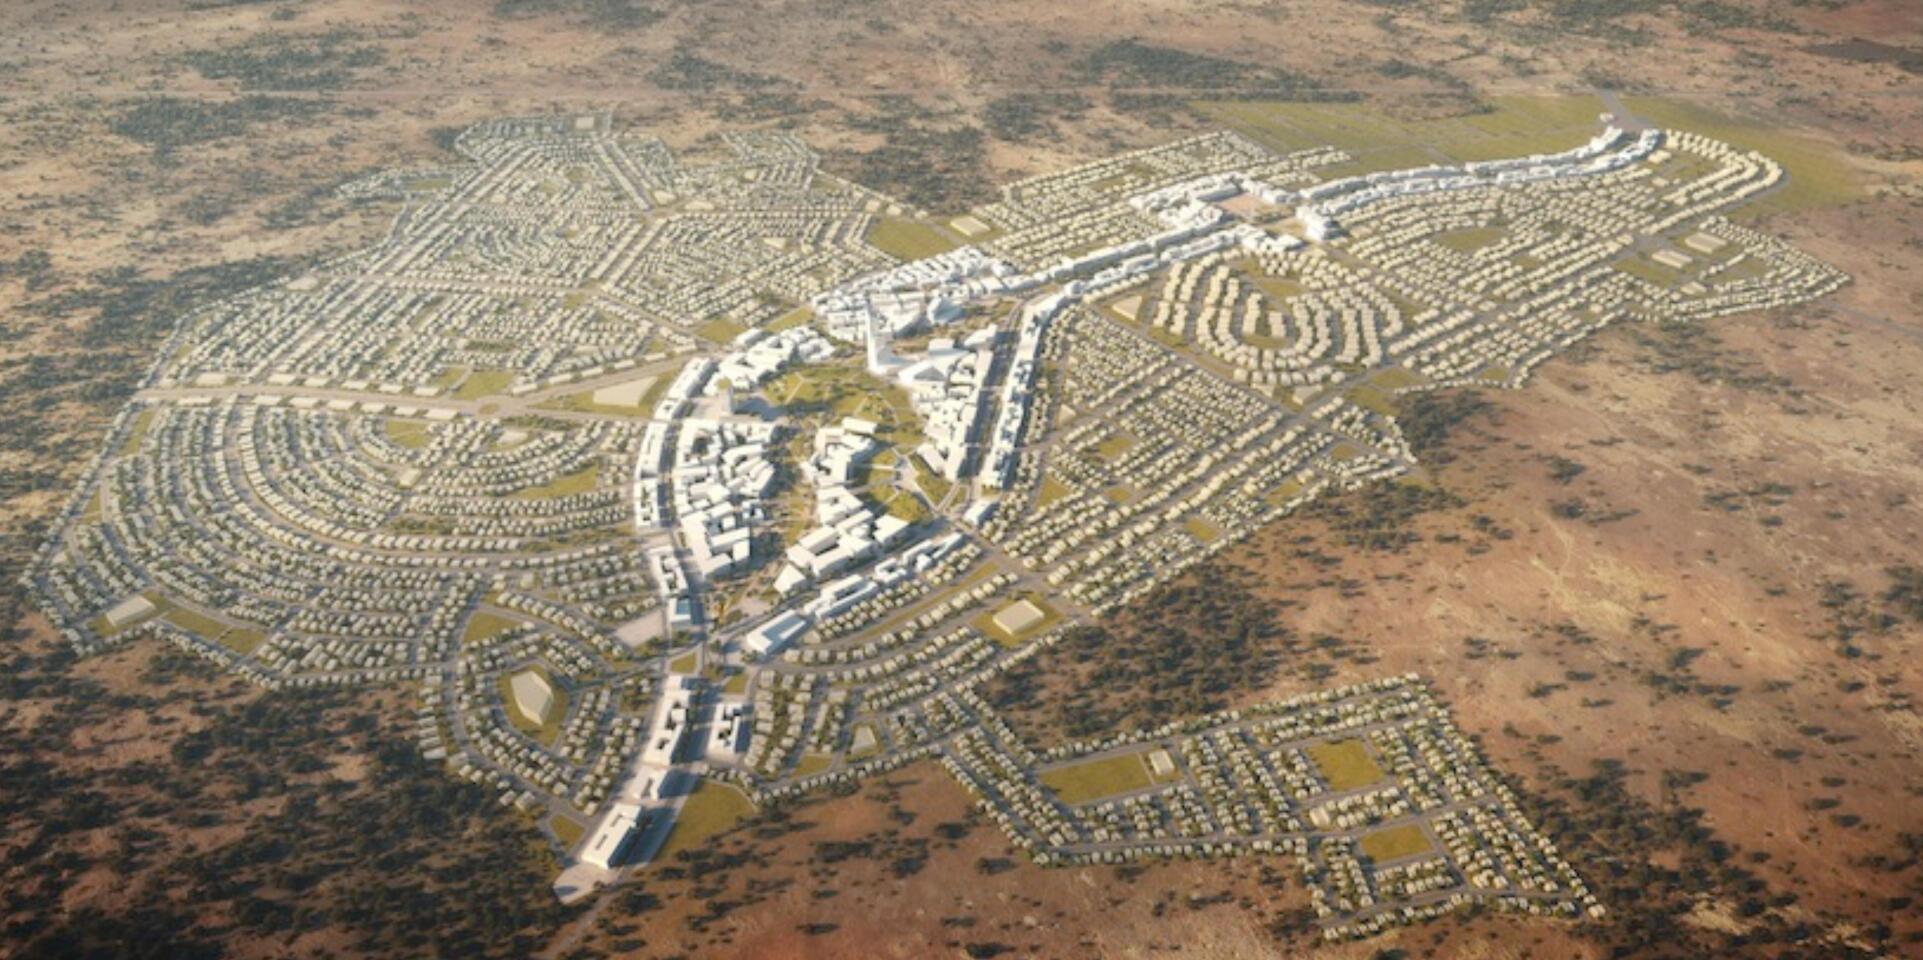 Ce grand projet burkinabè souhaite devenir le symbole de la ville africaine du futur.